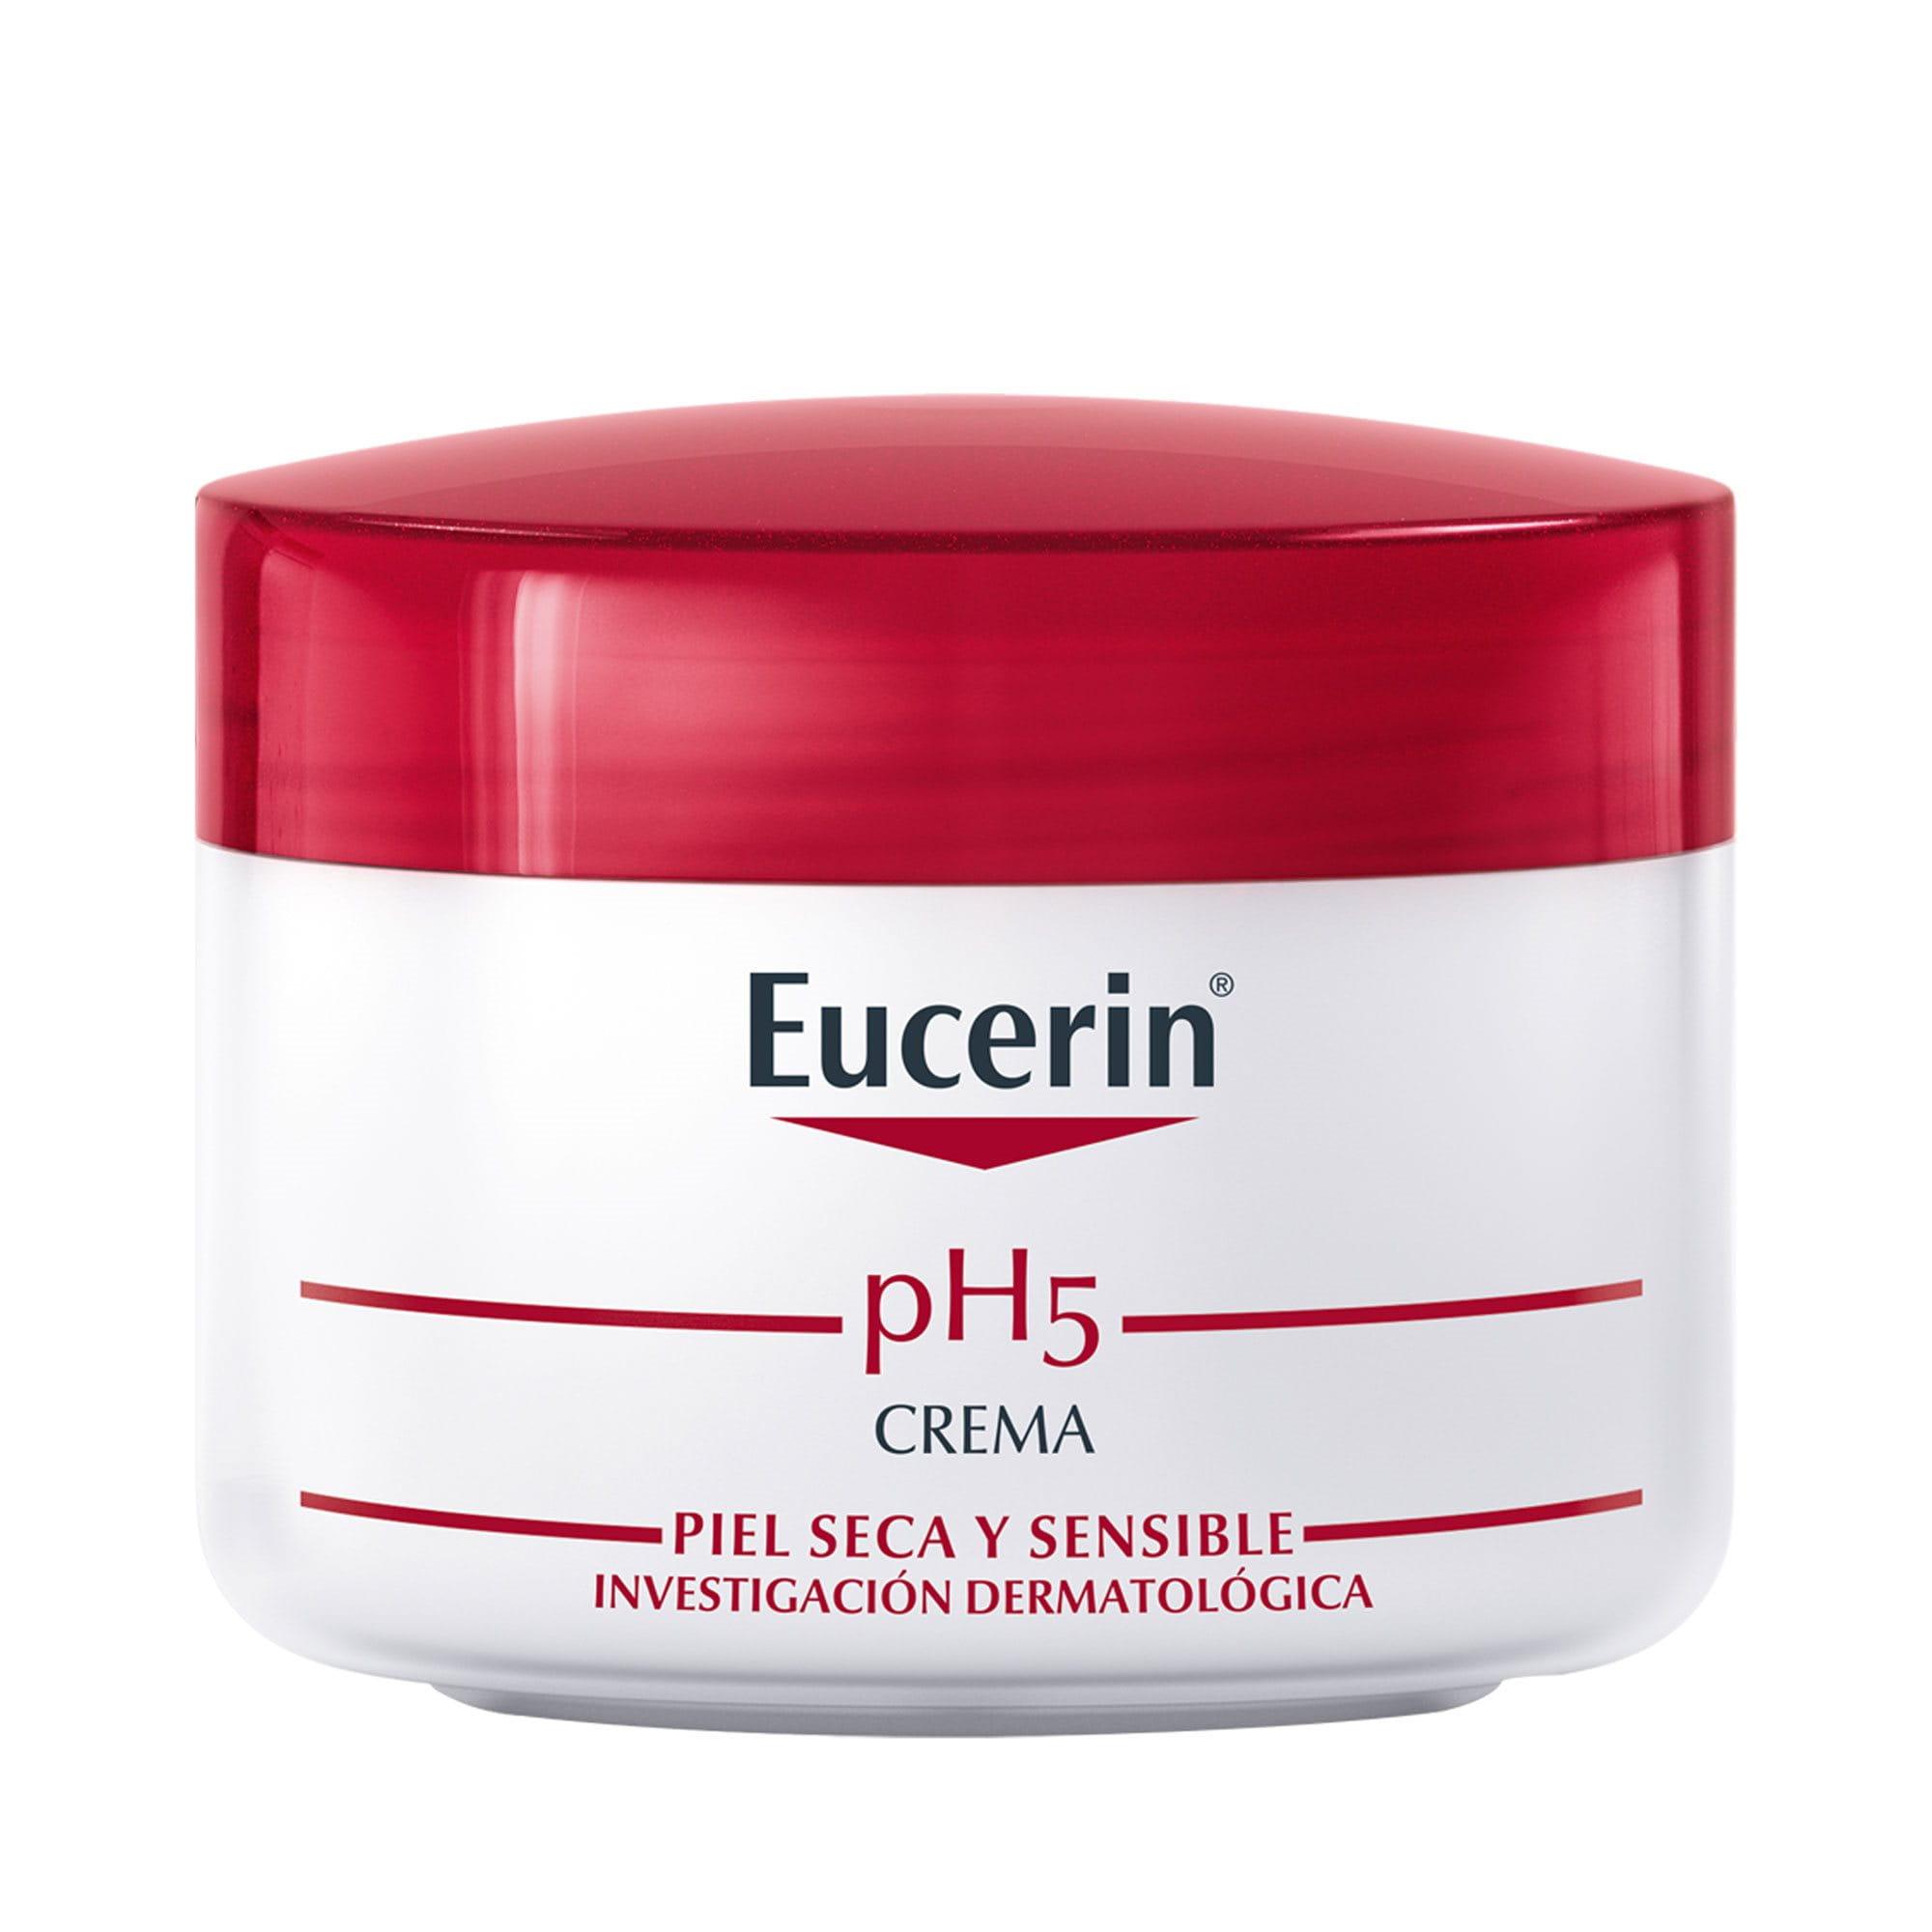 63023-Eucerin-pH5-Crema_packshot